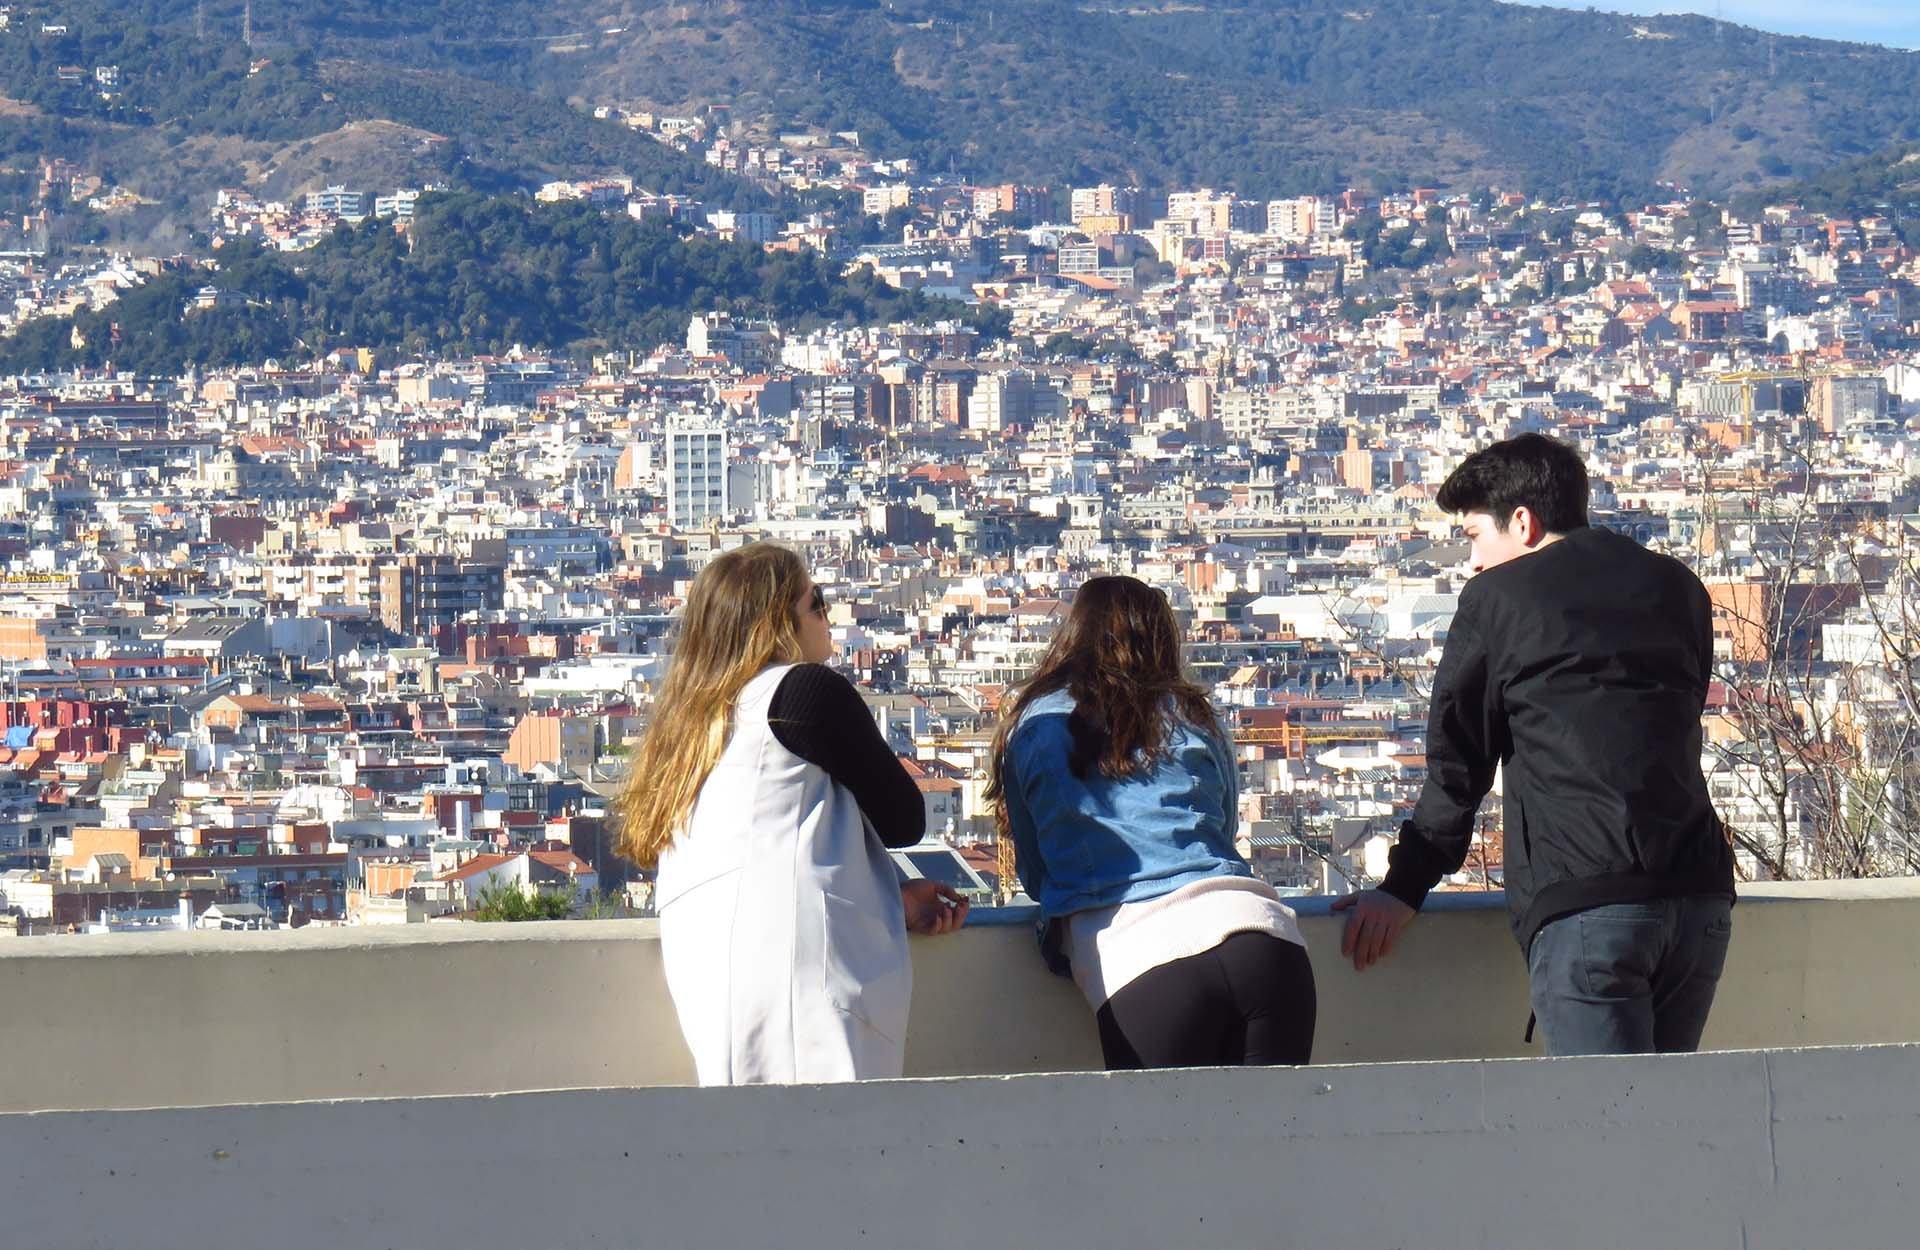 Jeunes devant un panorama en Espagne